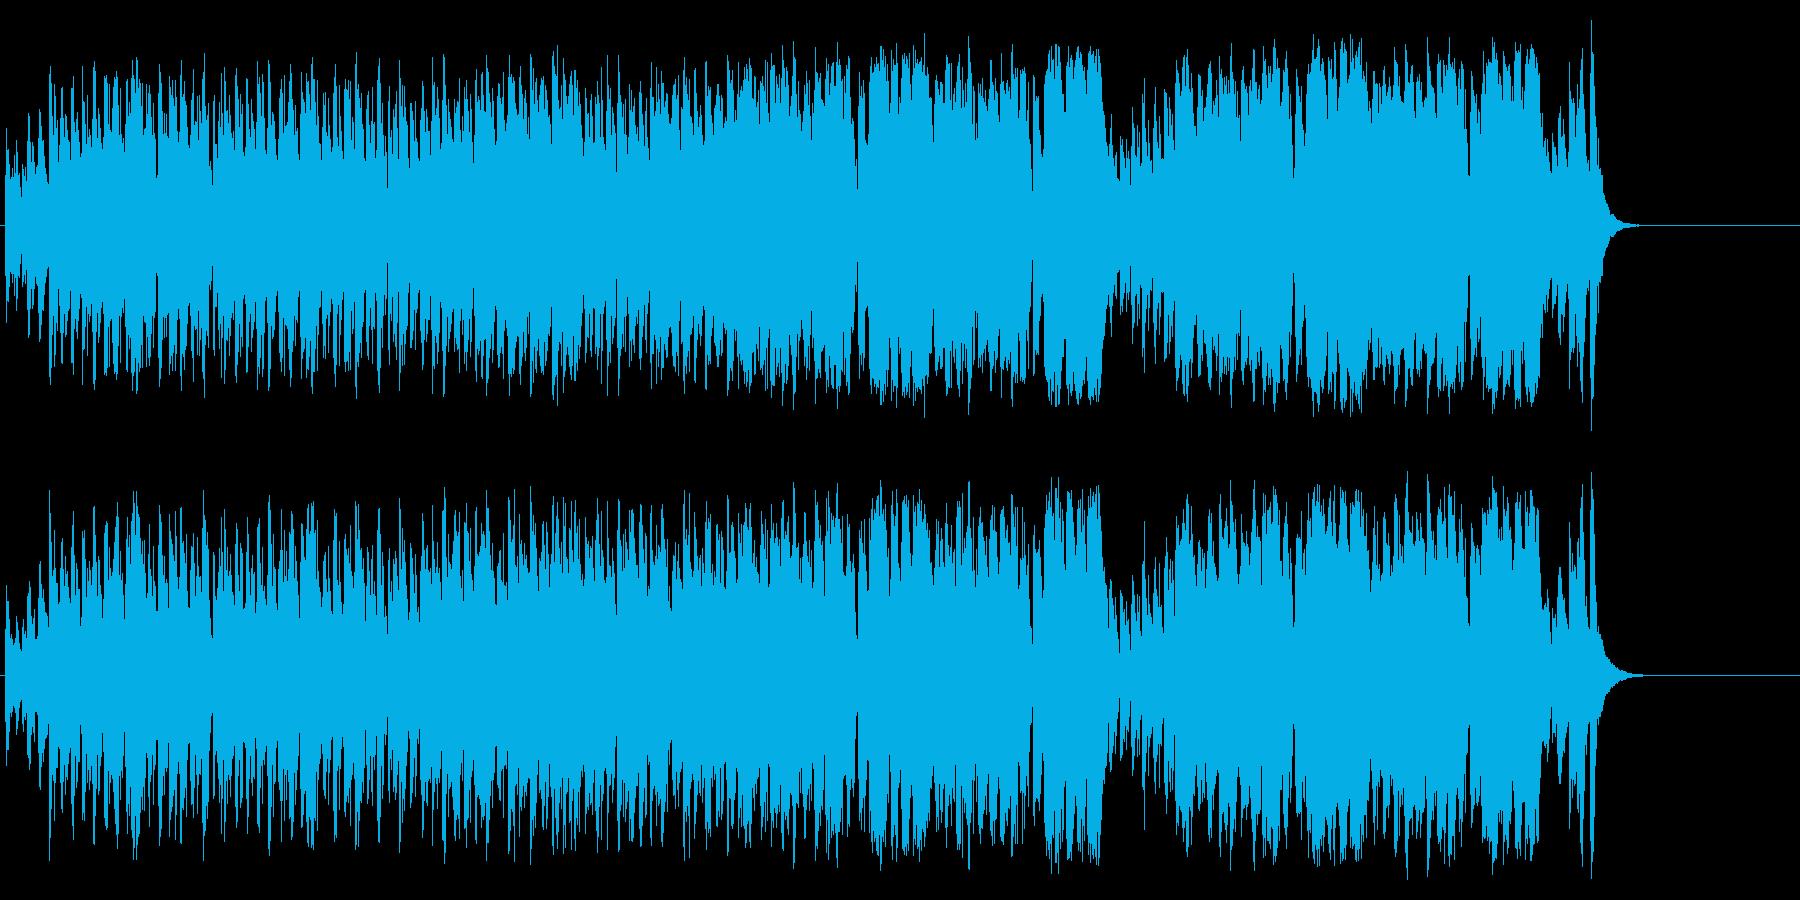 運動会 サーカス スピード はつらつの再生済みの波形